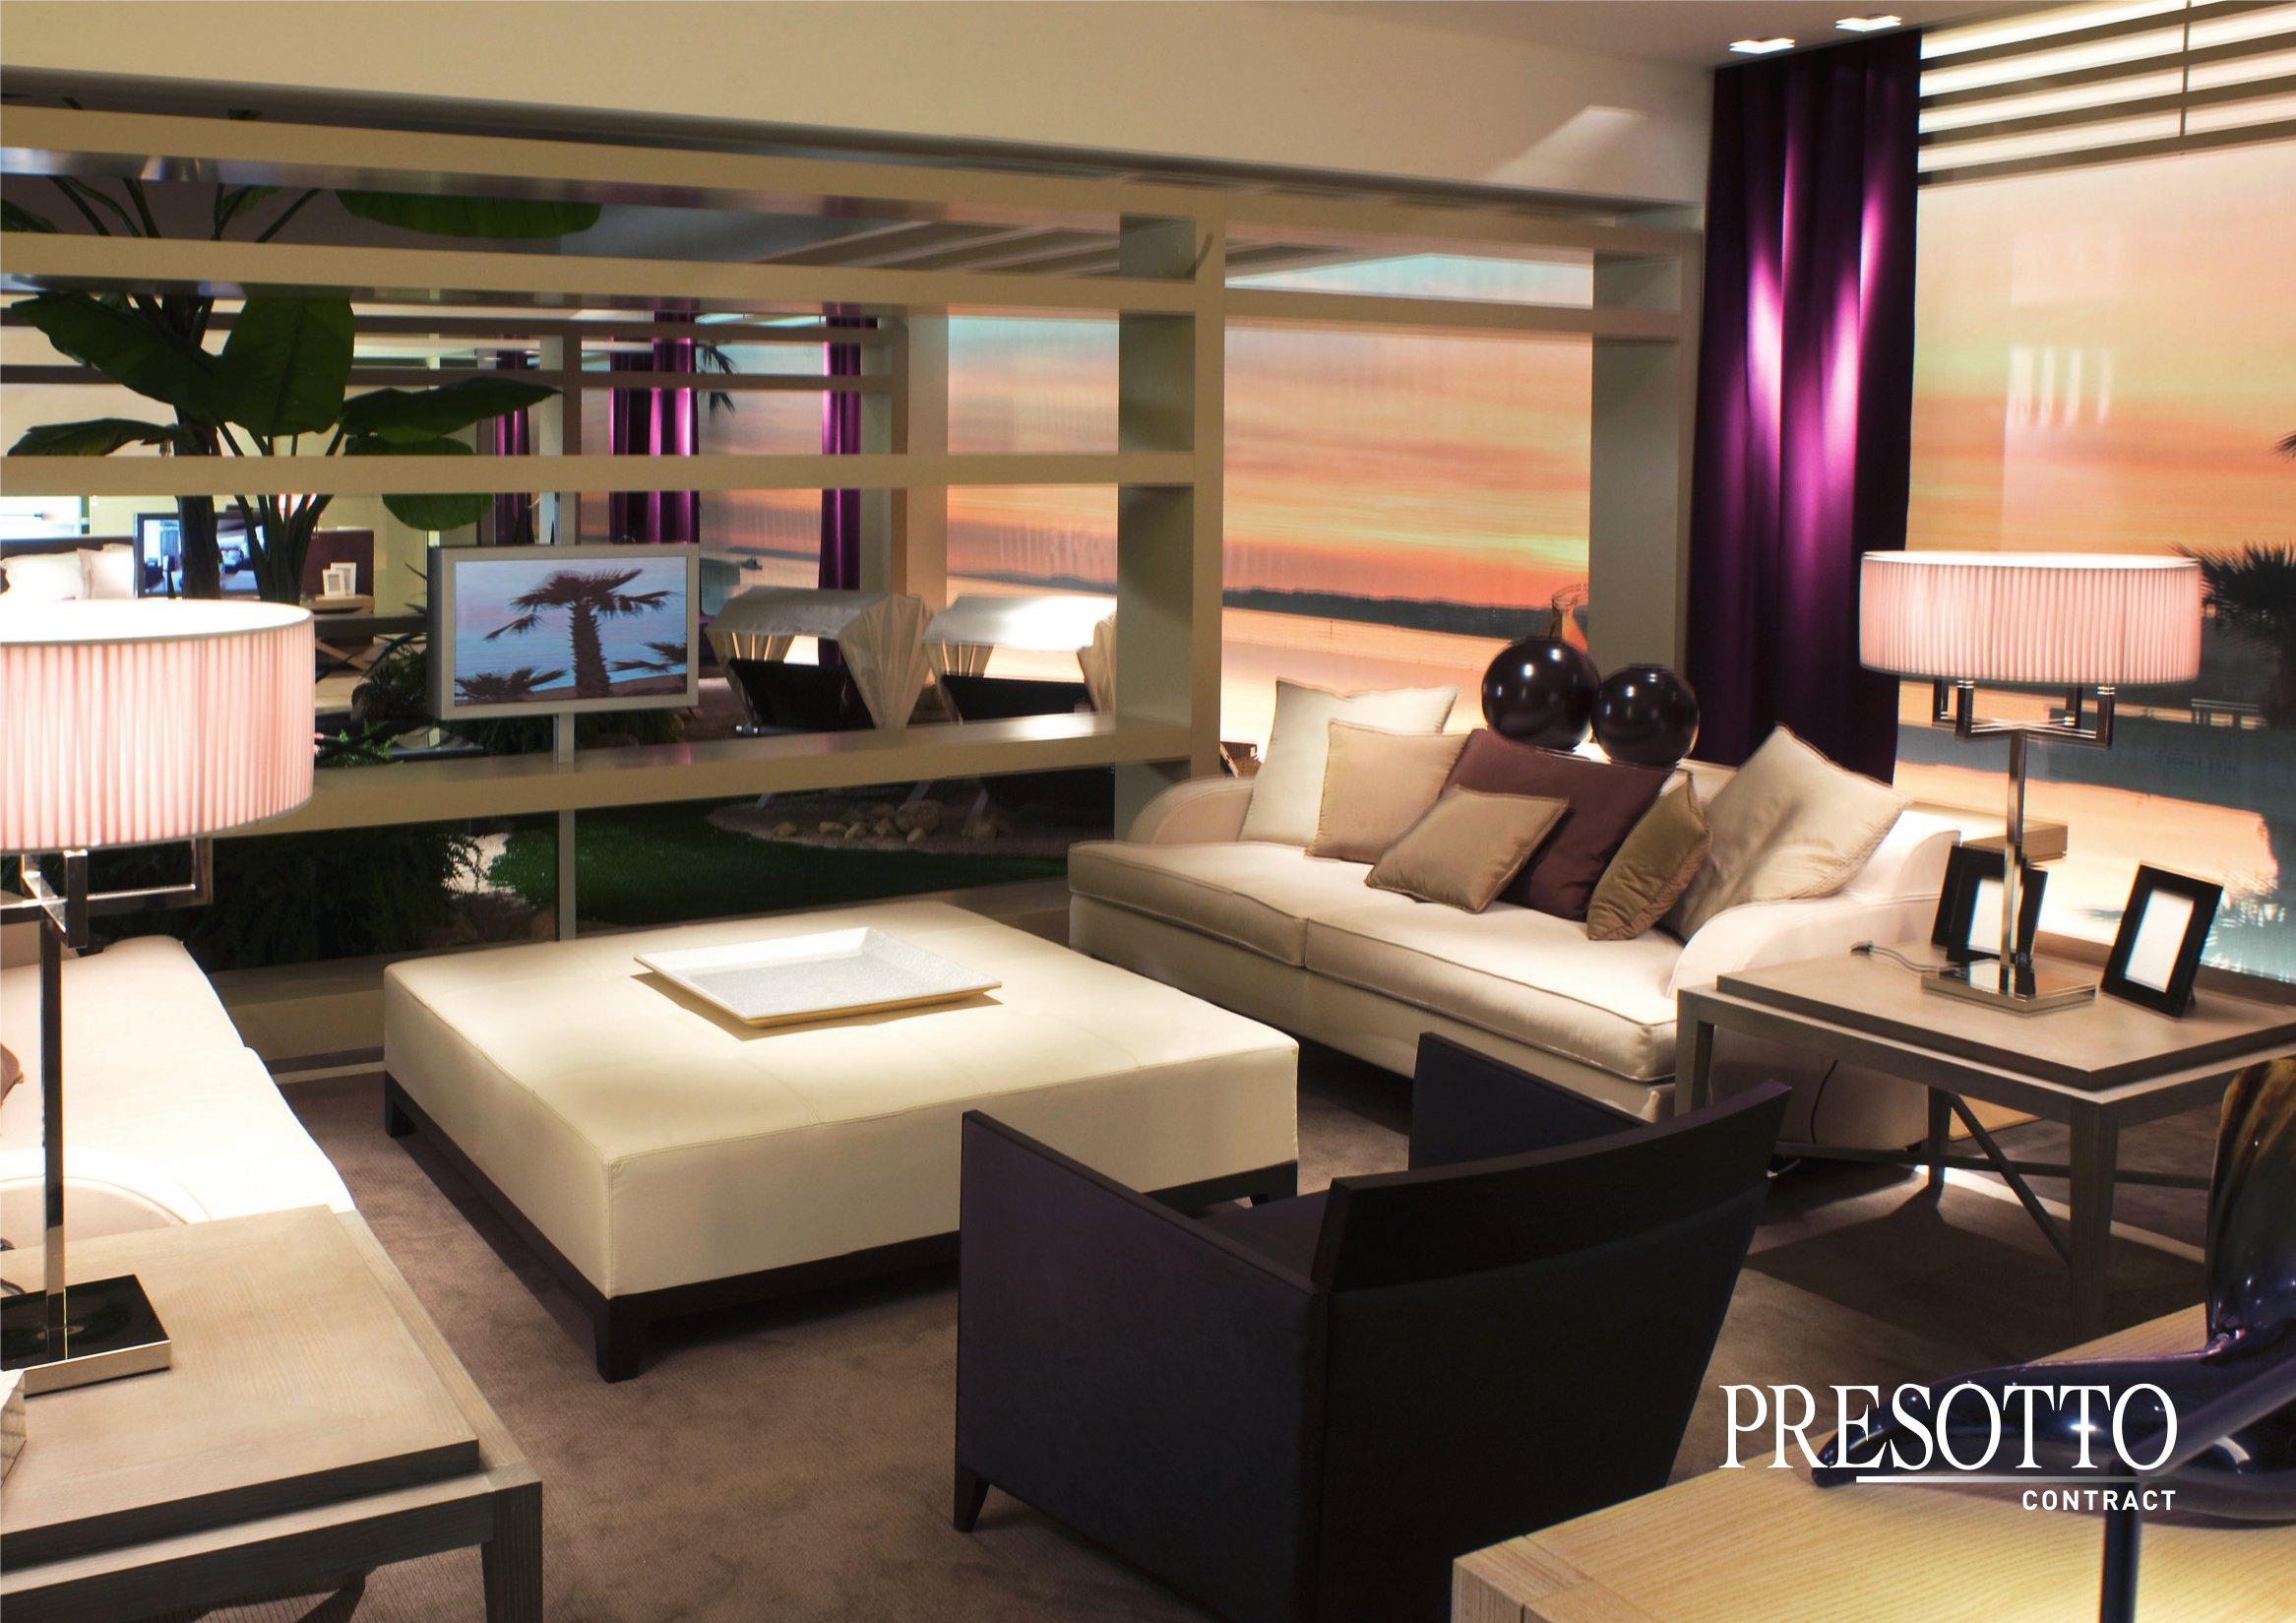 Gruppo inventa arreda la tua casa in stile moderno for Camere arredate